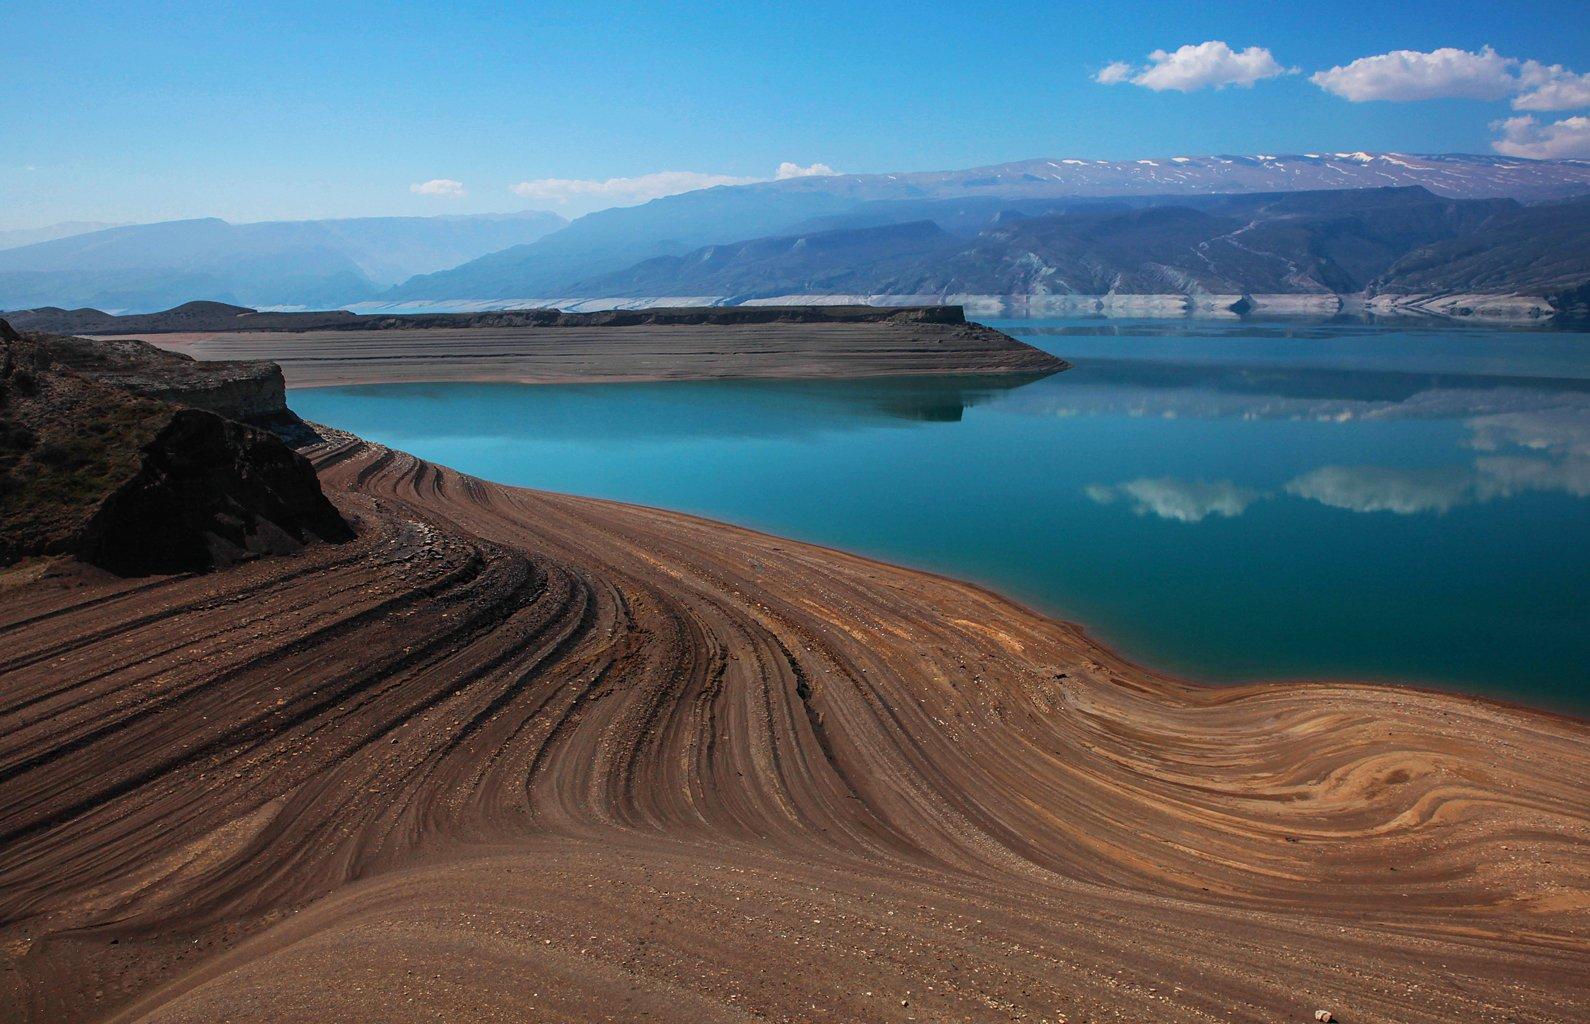 водохранилище,вода,река.чиркей,дагестан., Magov Marat